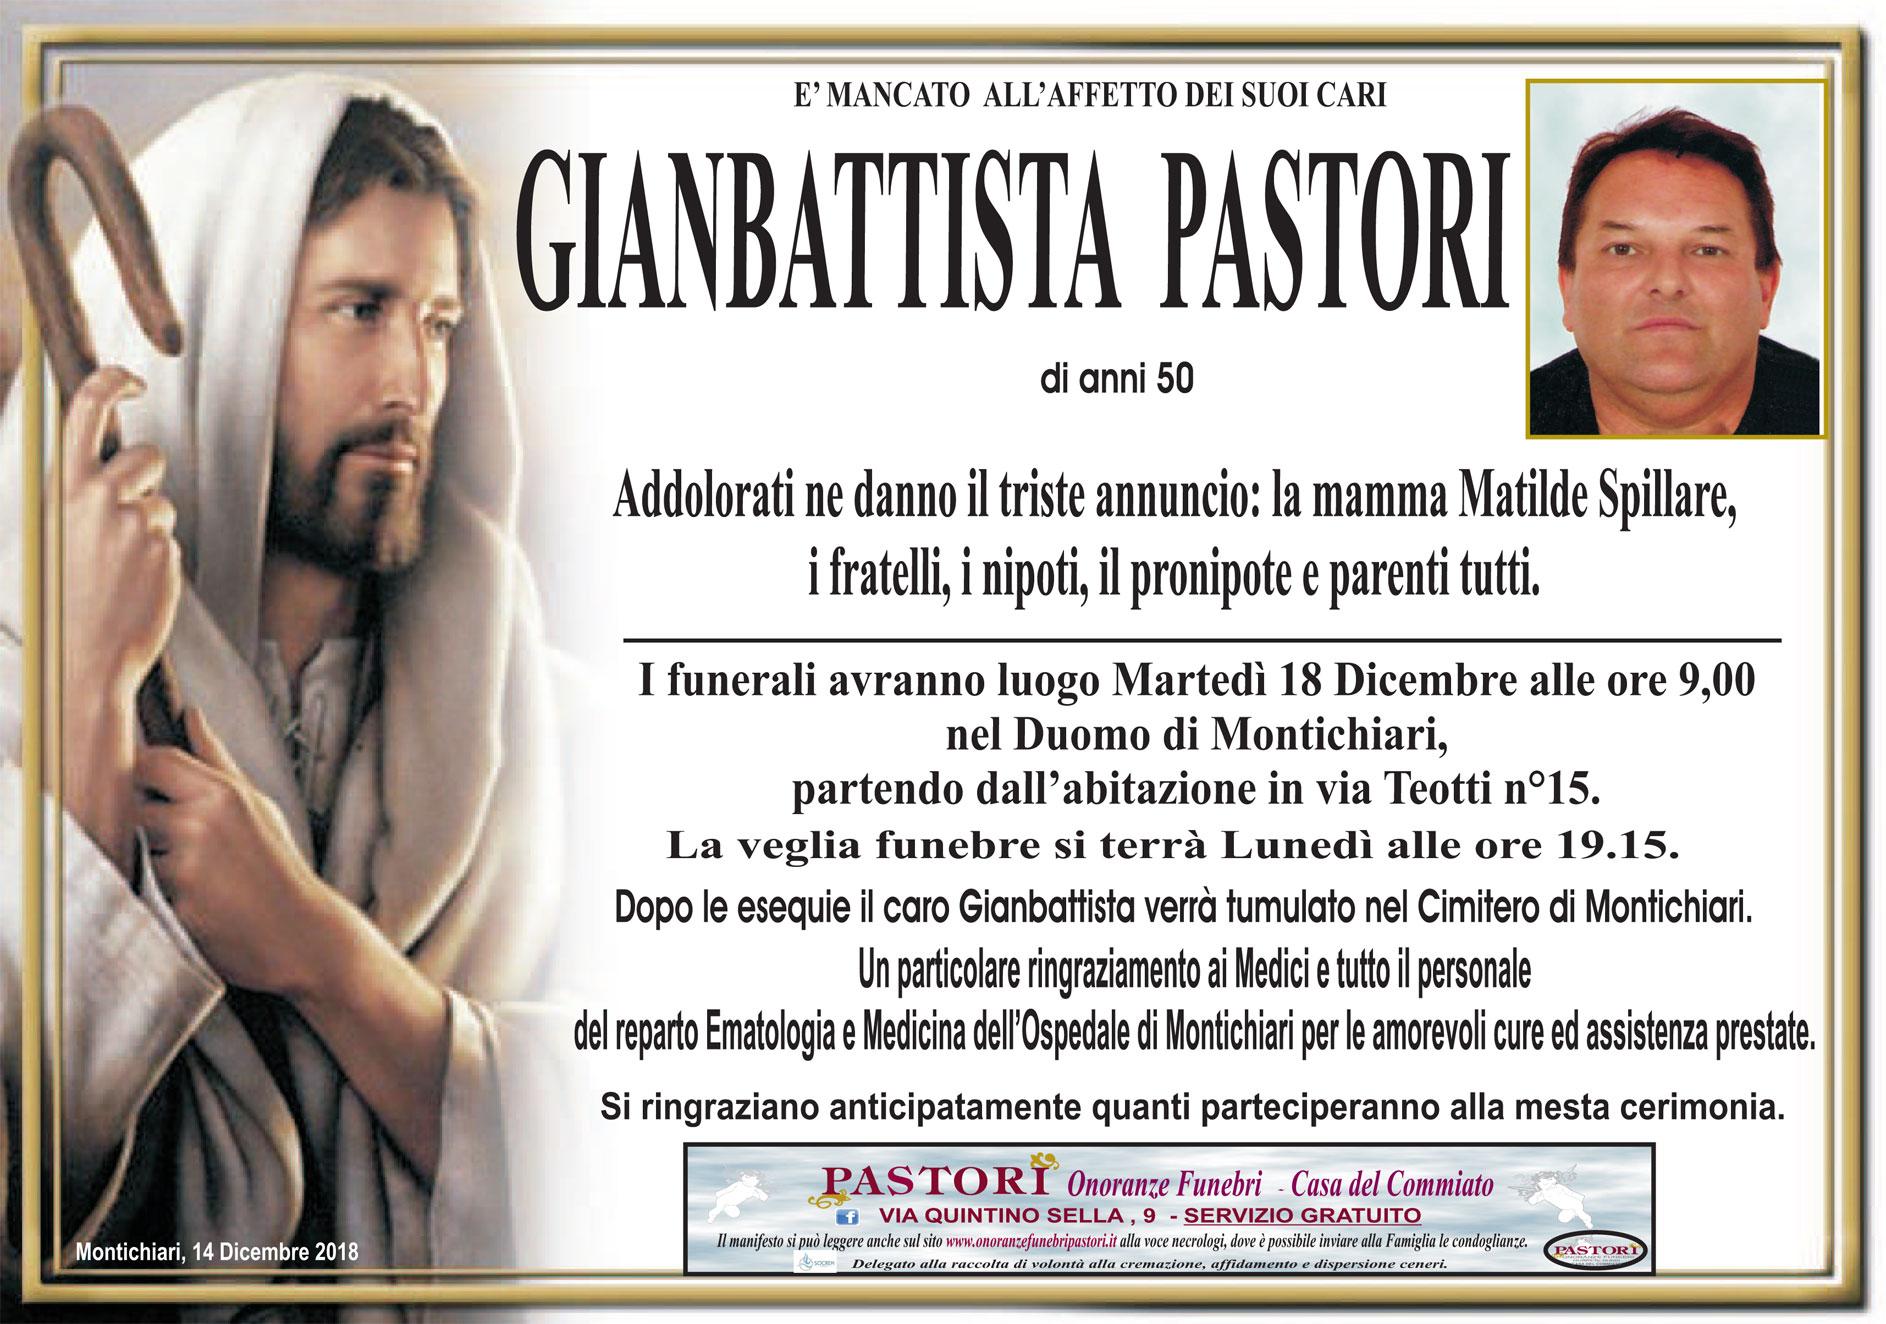 Gianbattista Pastori